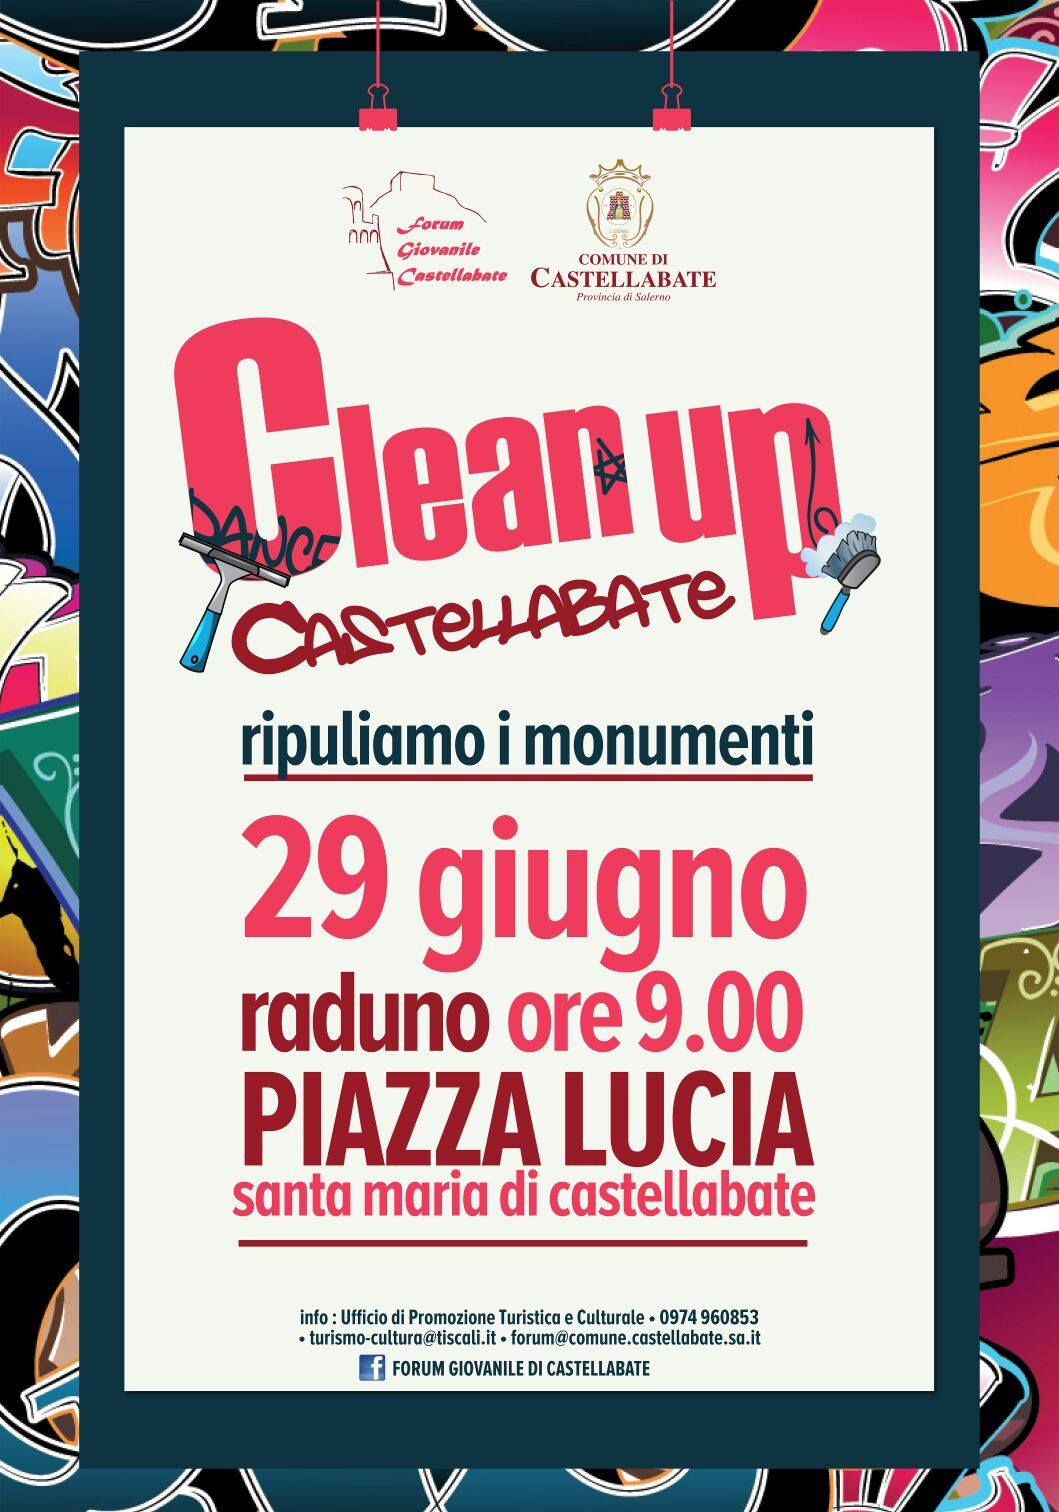 cleanup castellabate